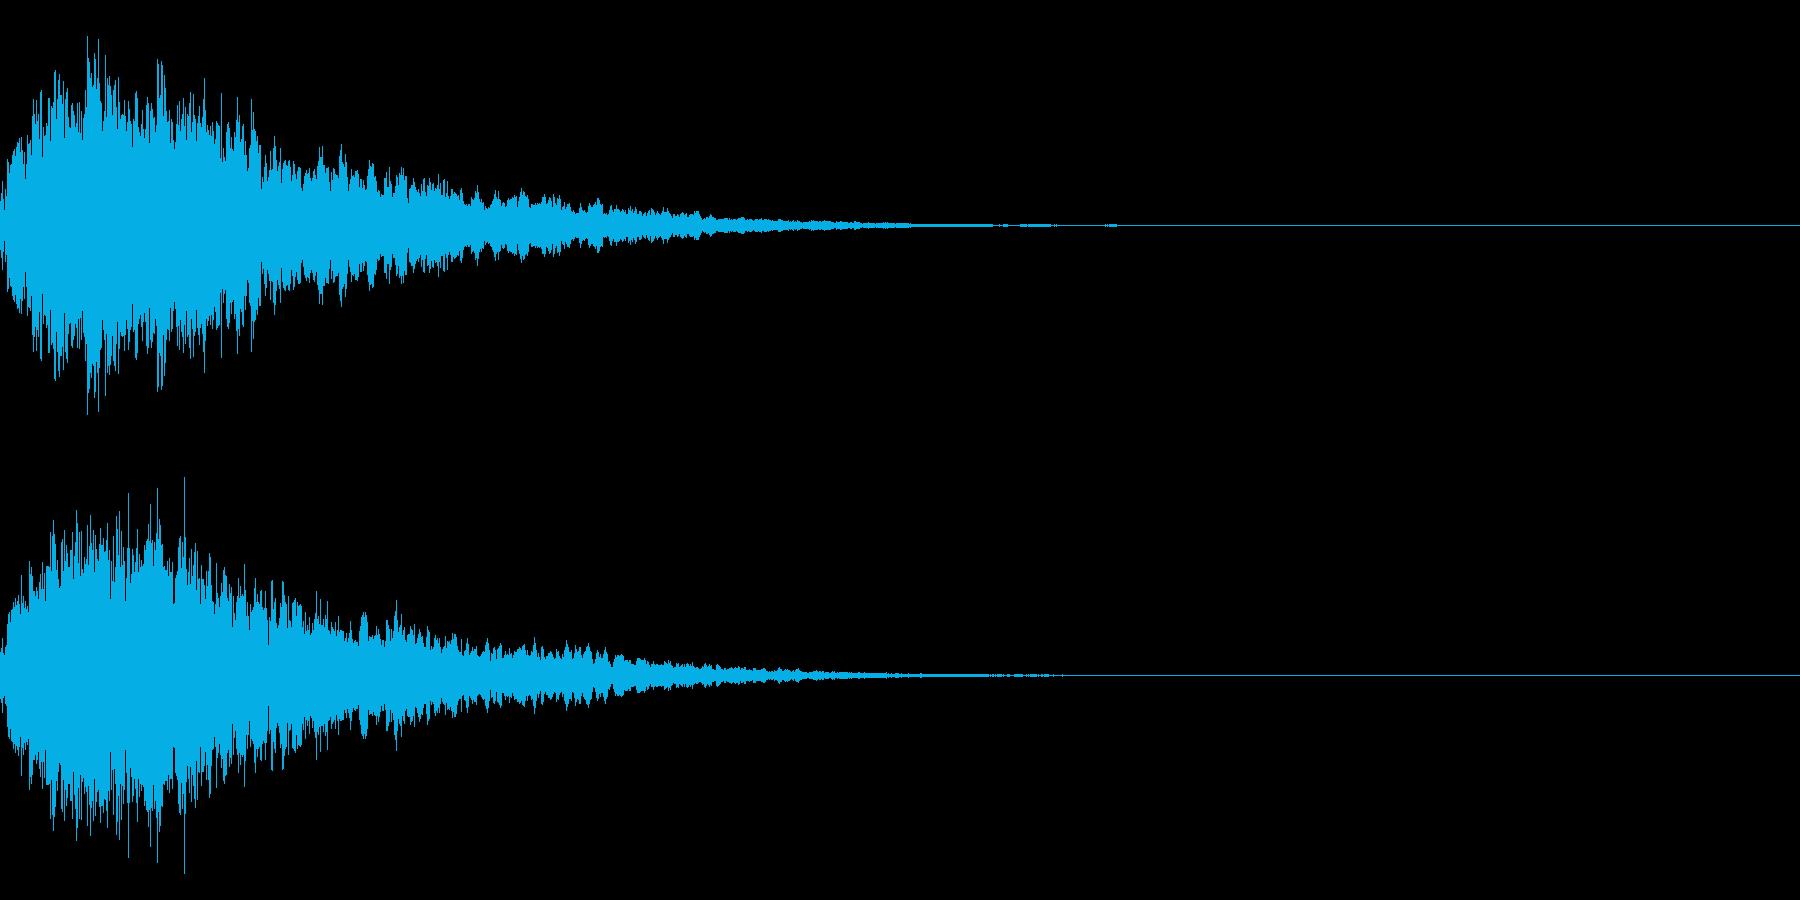 キラキラ輝く テロップ音 ボタン音!2bの再生済みの波形